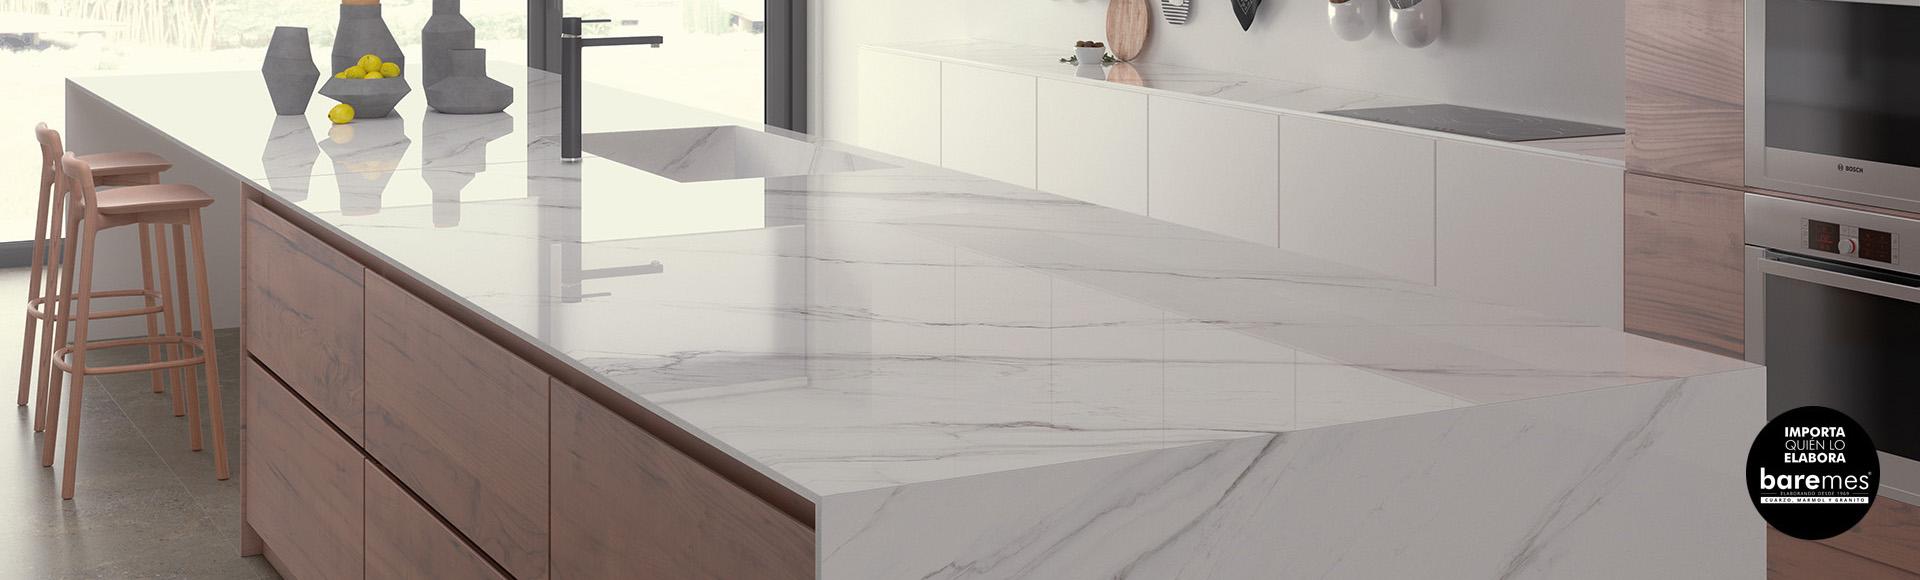 Mesa barras desayunador isla para cocina moderna mesadas for Granito blanco real